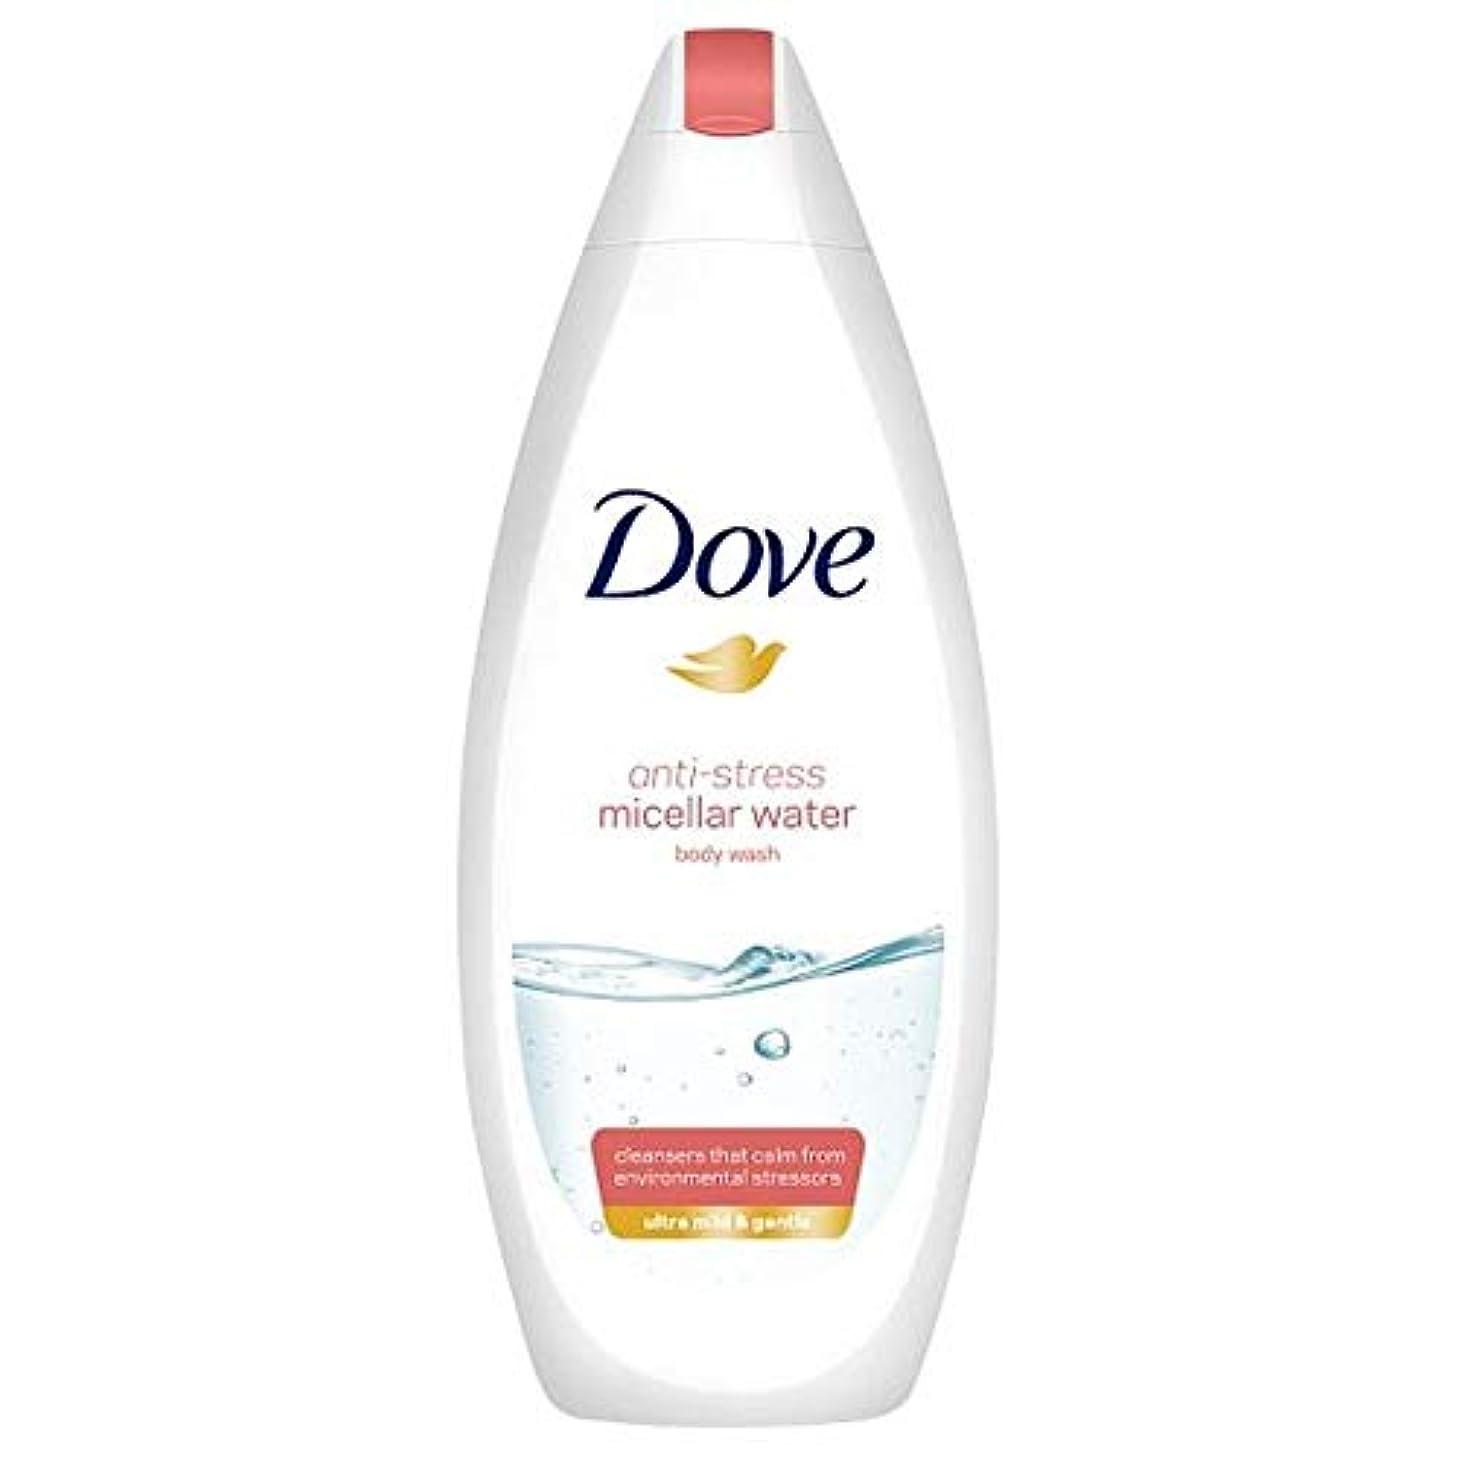 紛争液体簡単に[Dove] 鳩ミセルボディウォッシュ抗ストレス500ミリリットル - Dove Micellar Body Wash Anti Stress 500Ml [並行輸入品]